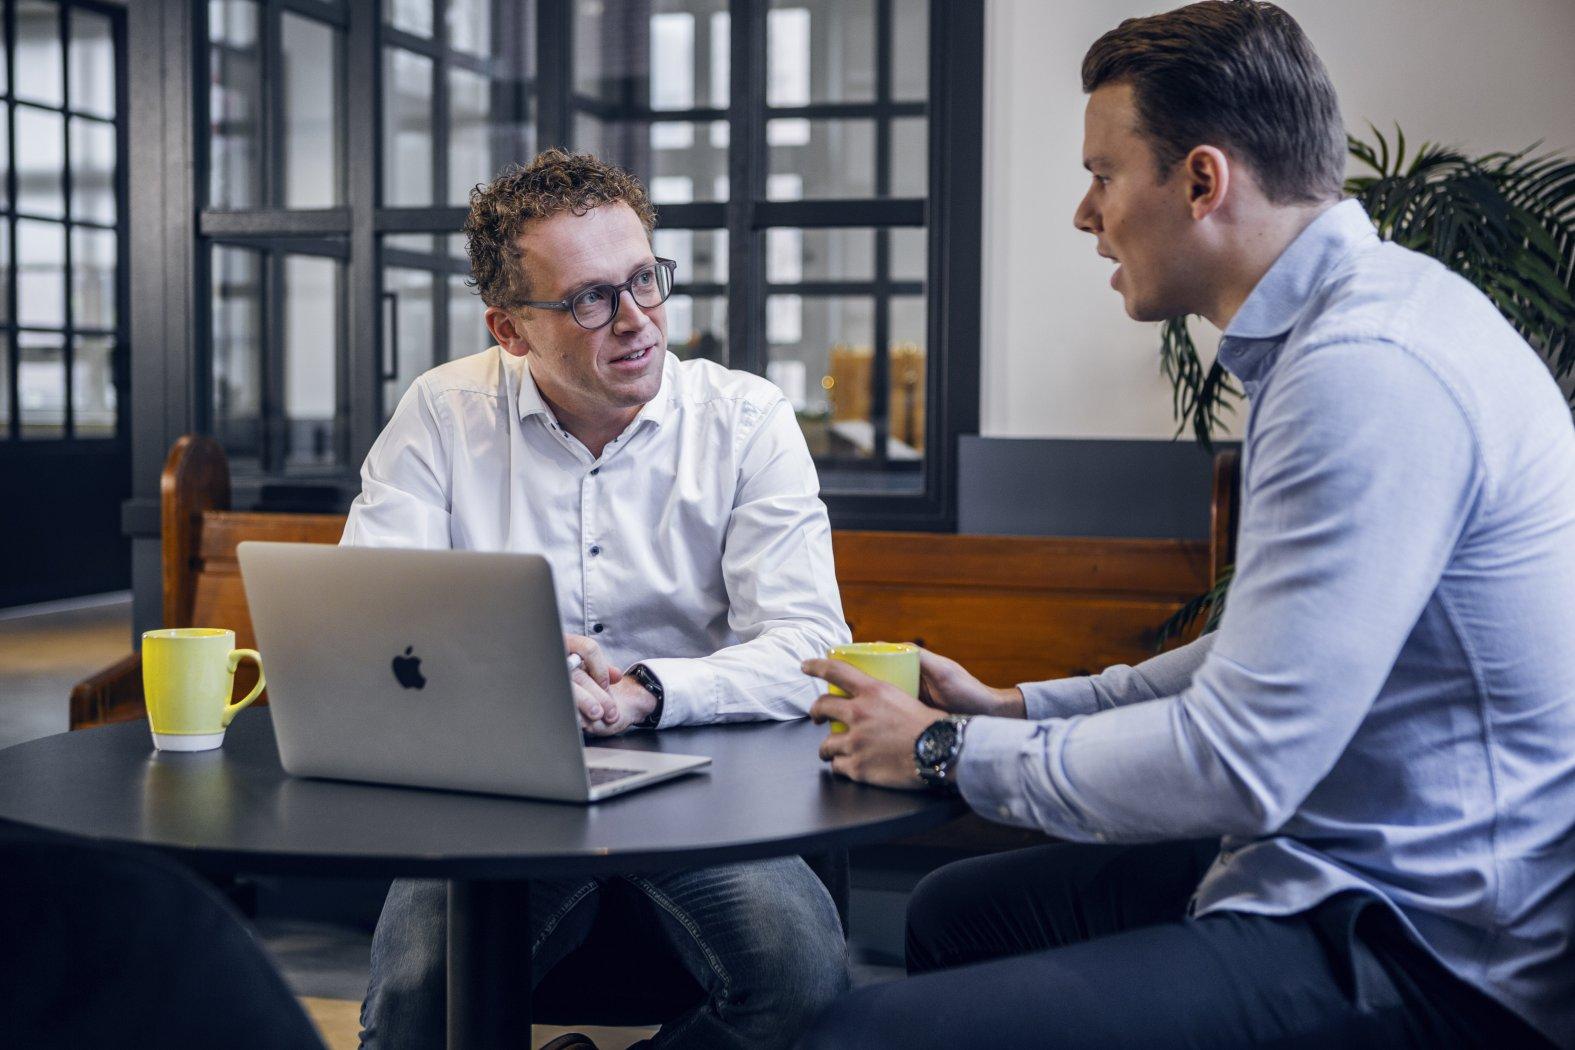 findesk-adviessoftware-samenwerking-partner-geldxpert